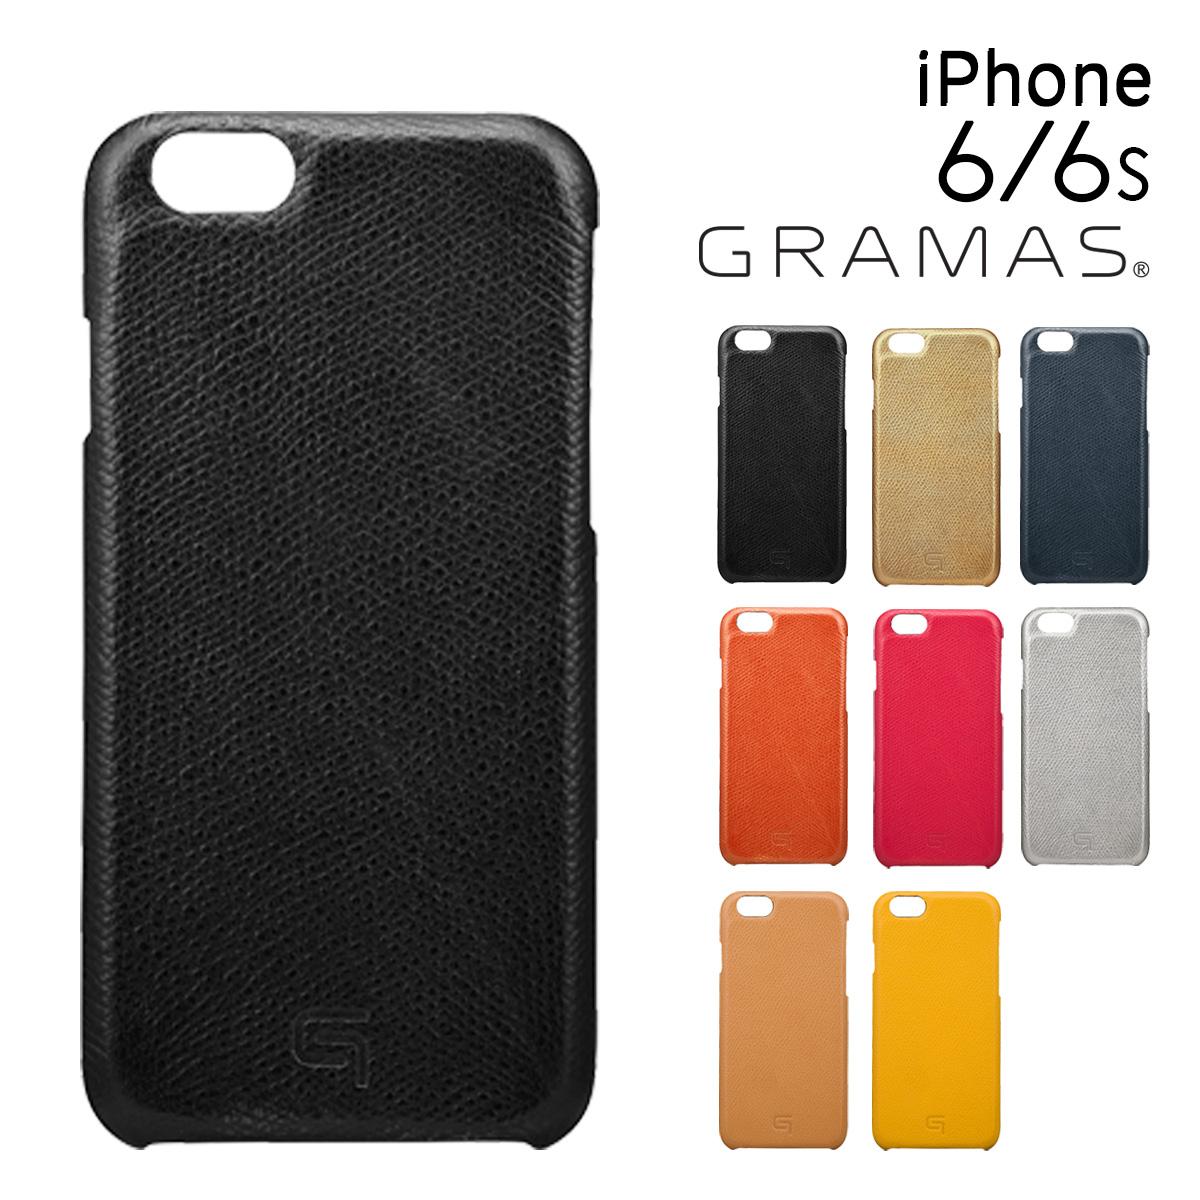 グラマス iPhone6 ケース Embossed Grain Leather Case GRLC8076 【 シボ打ち牛皮革ケース ハンドメイド メンズ 】【bef】